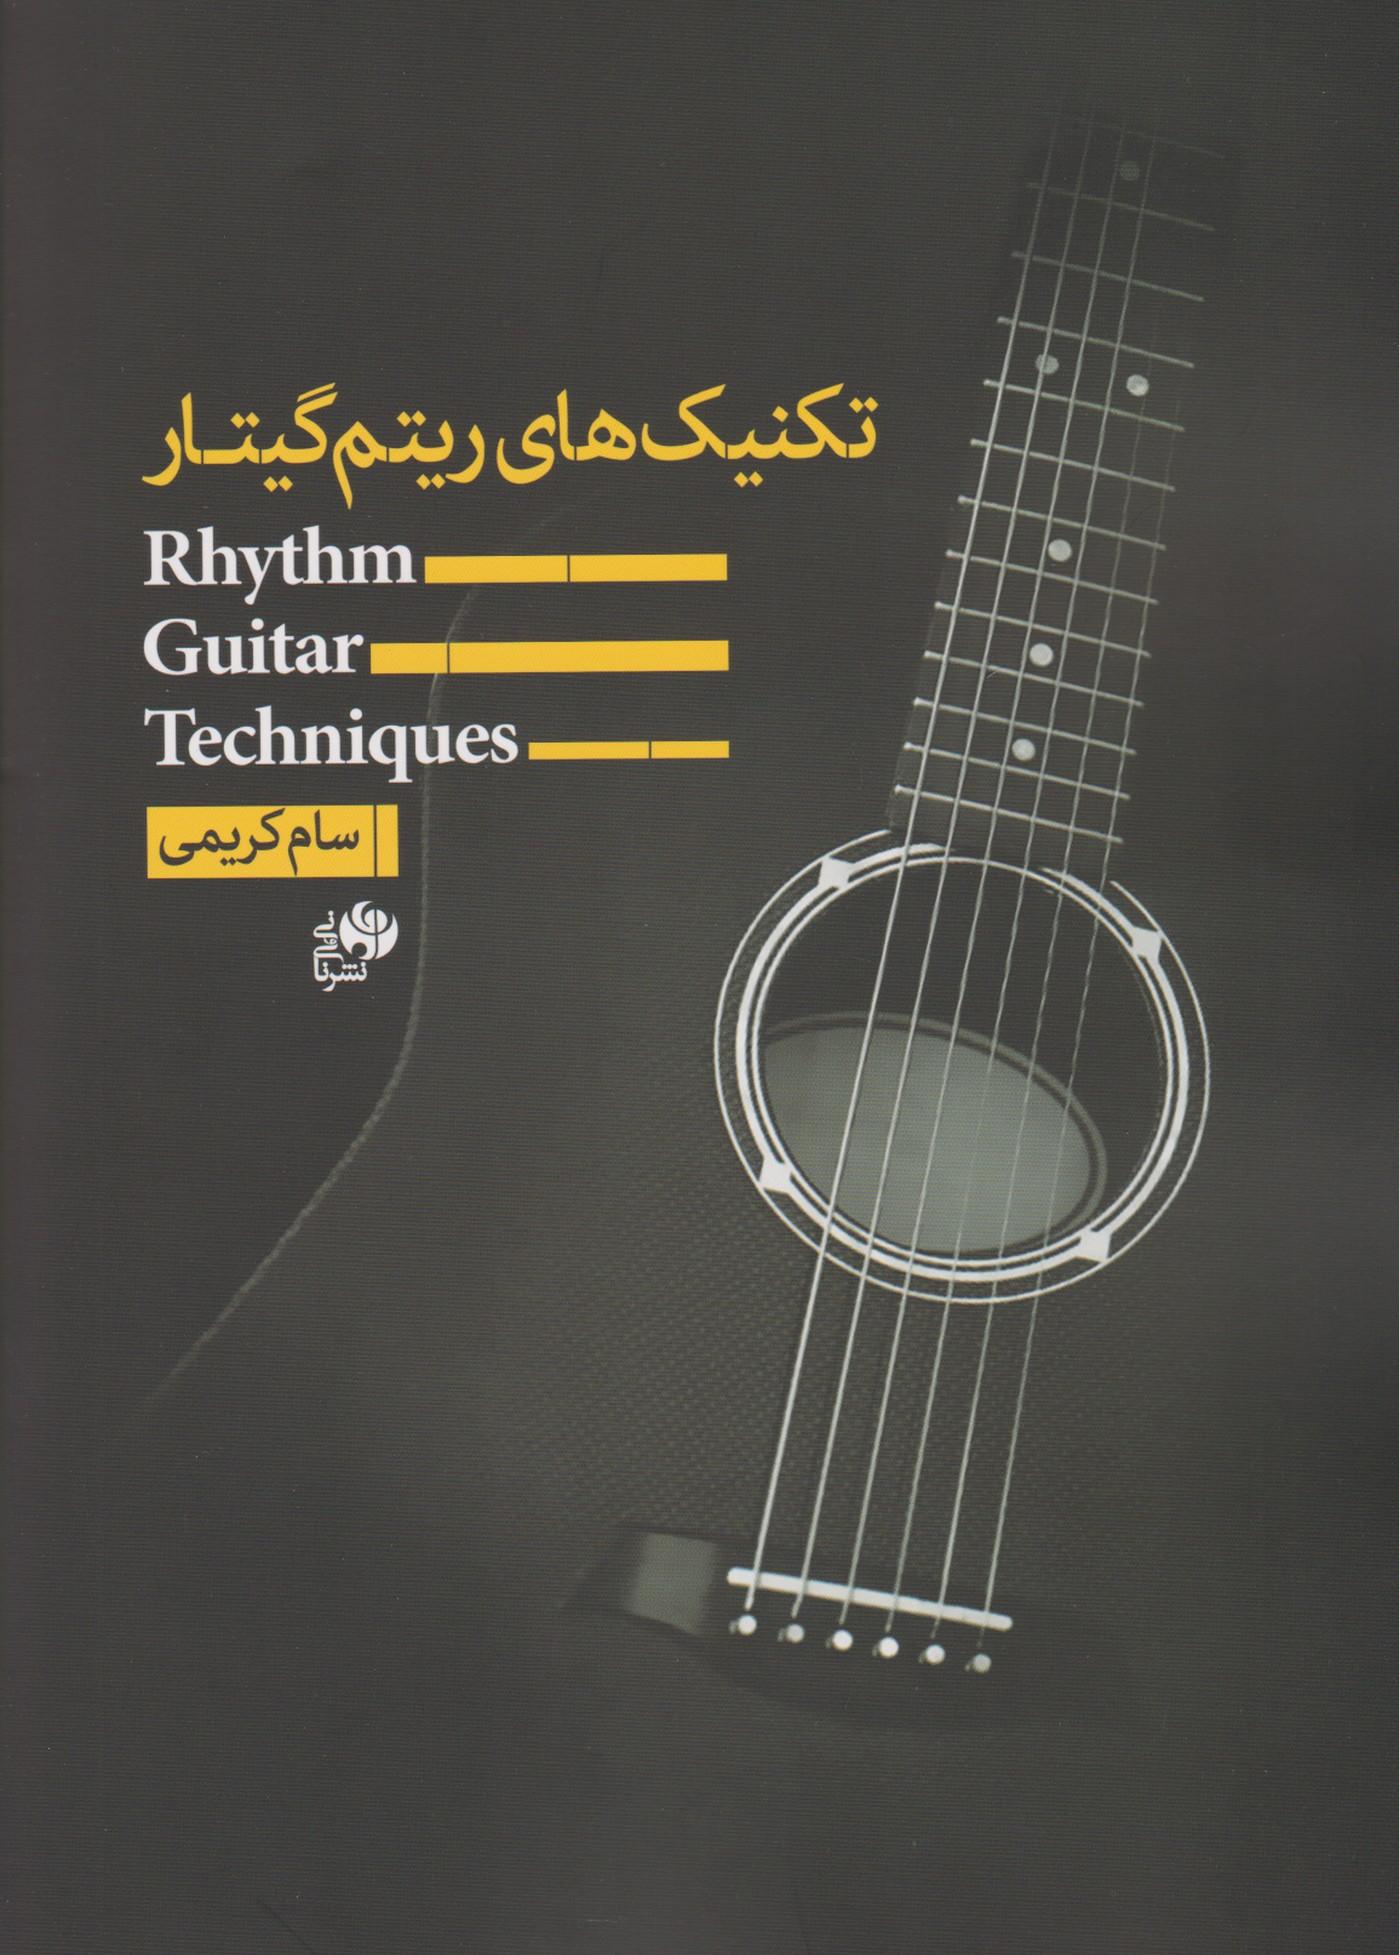 تکنیک های ریتم گیتار